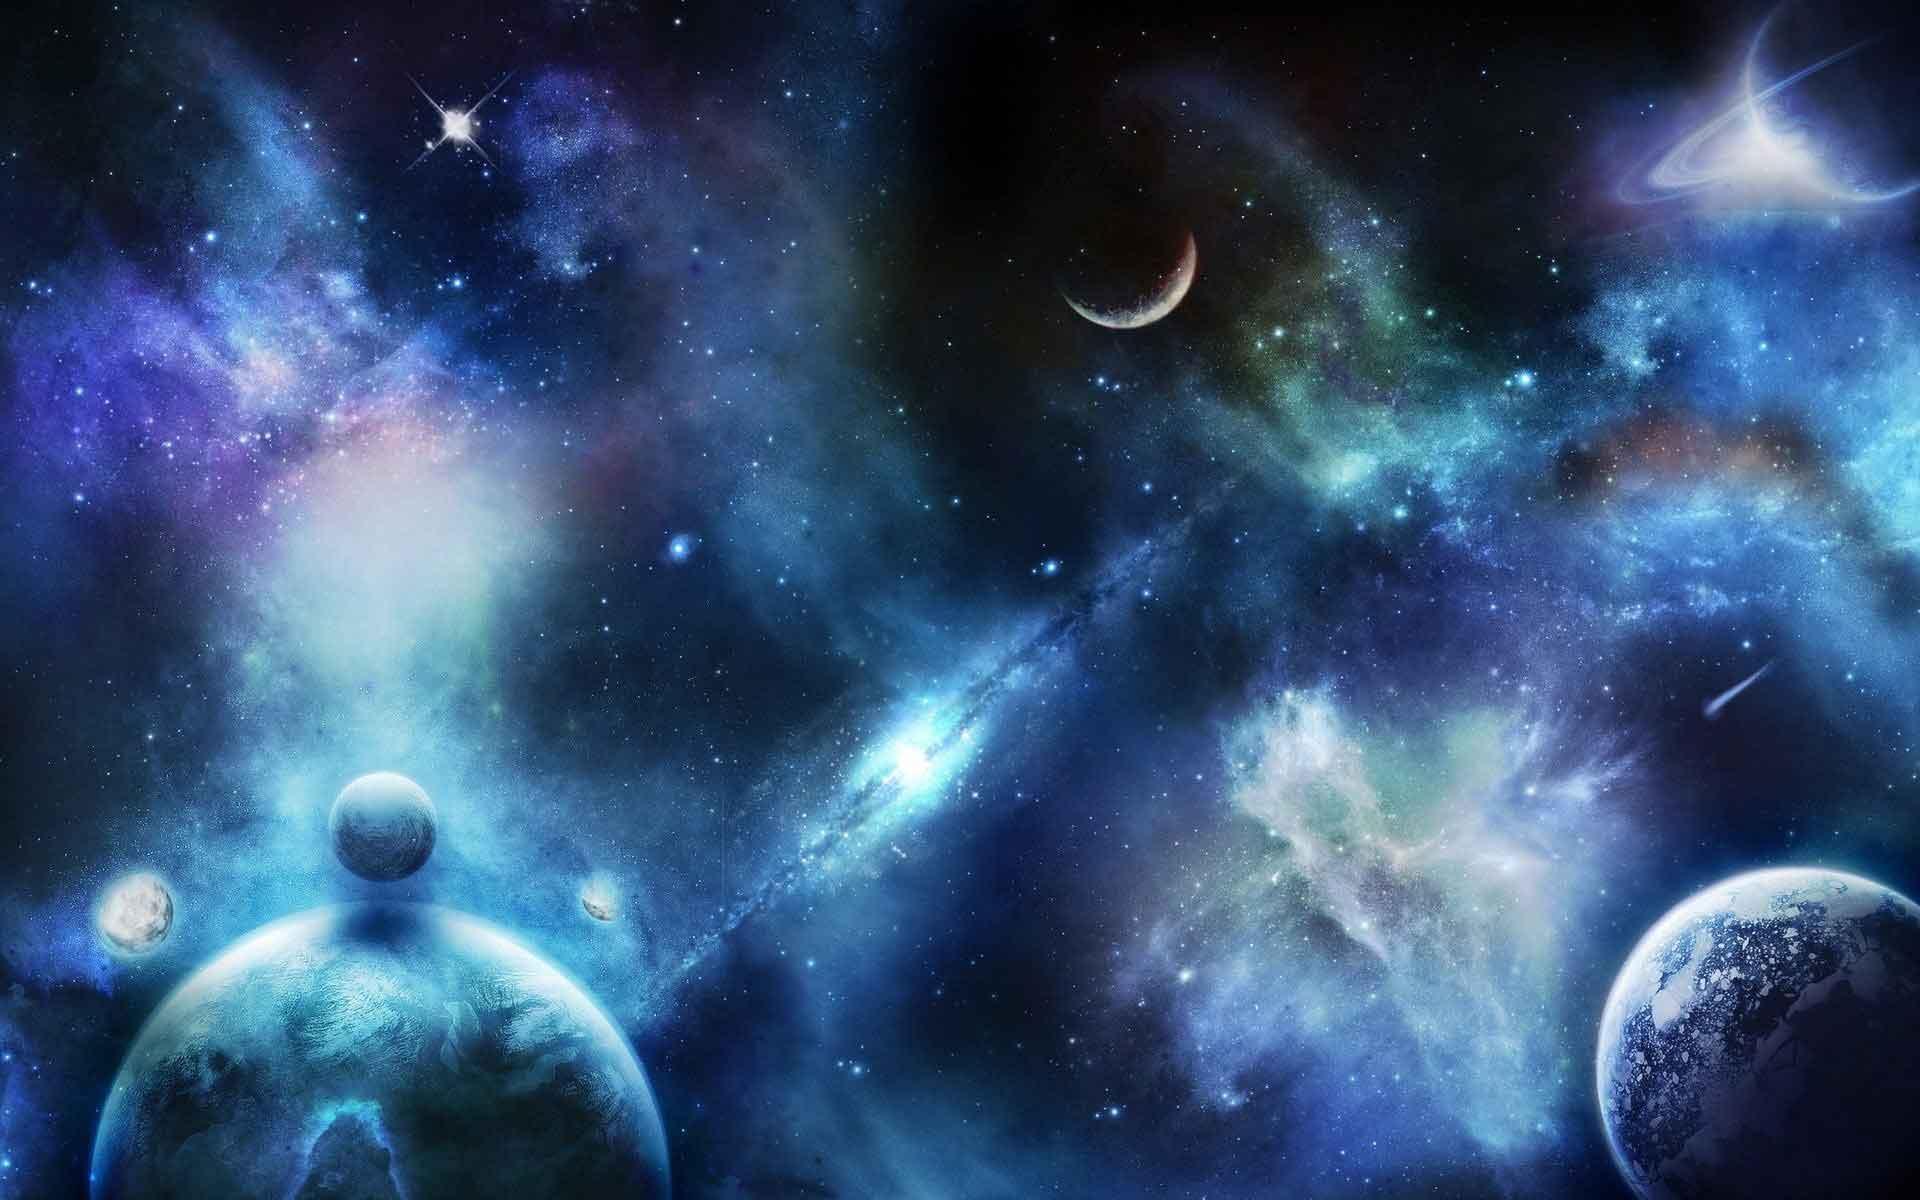 Rüyada 9 gezegeni görmek 4